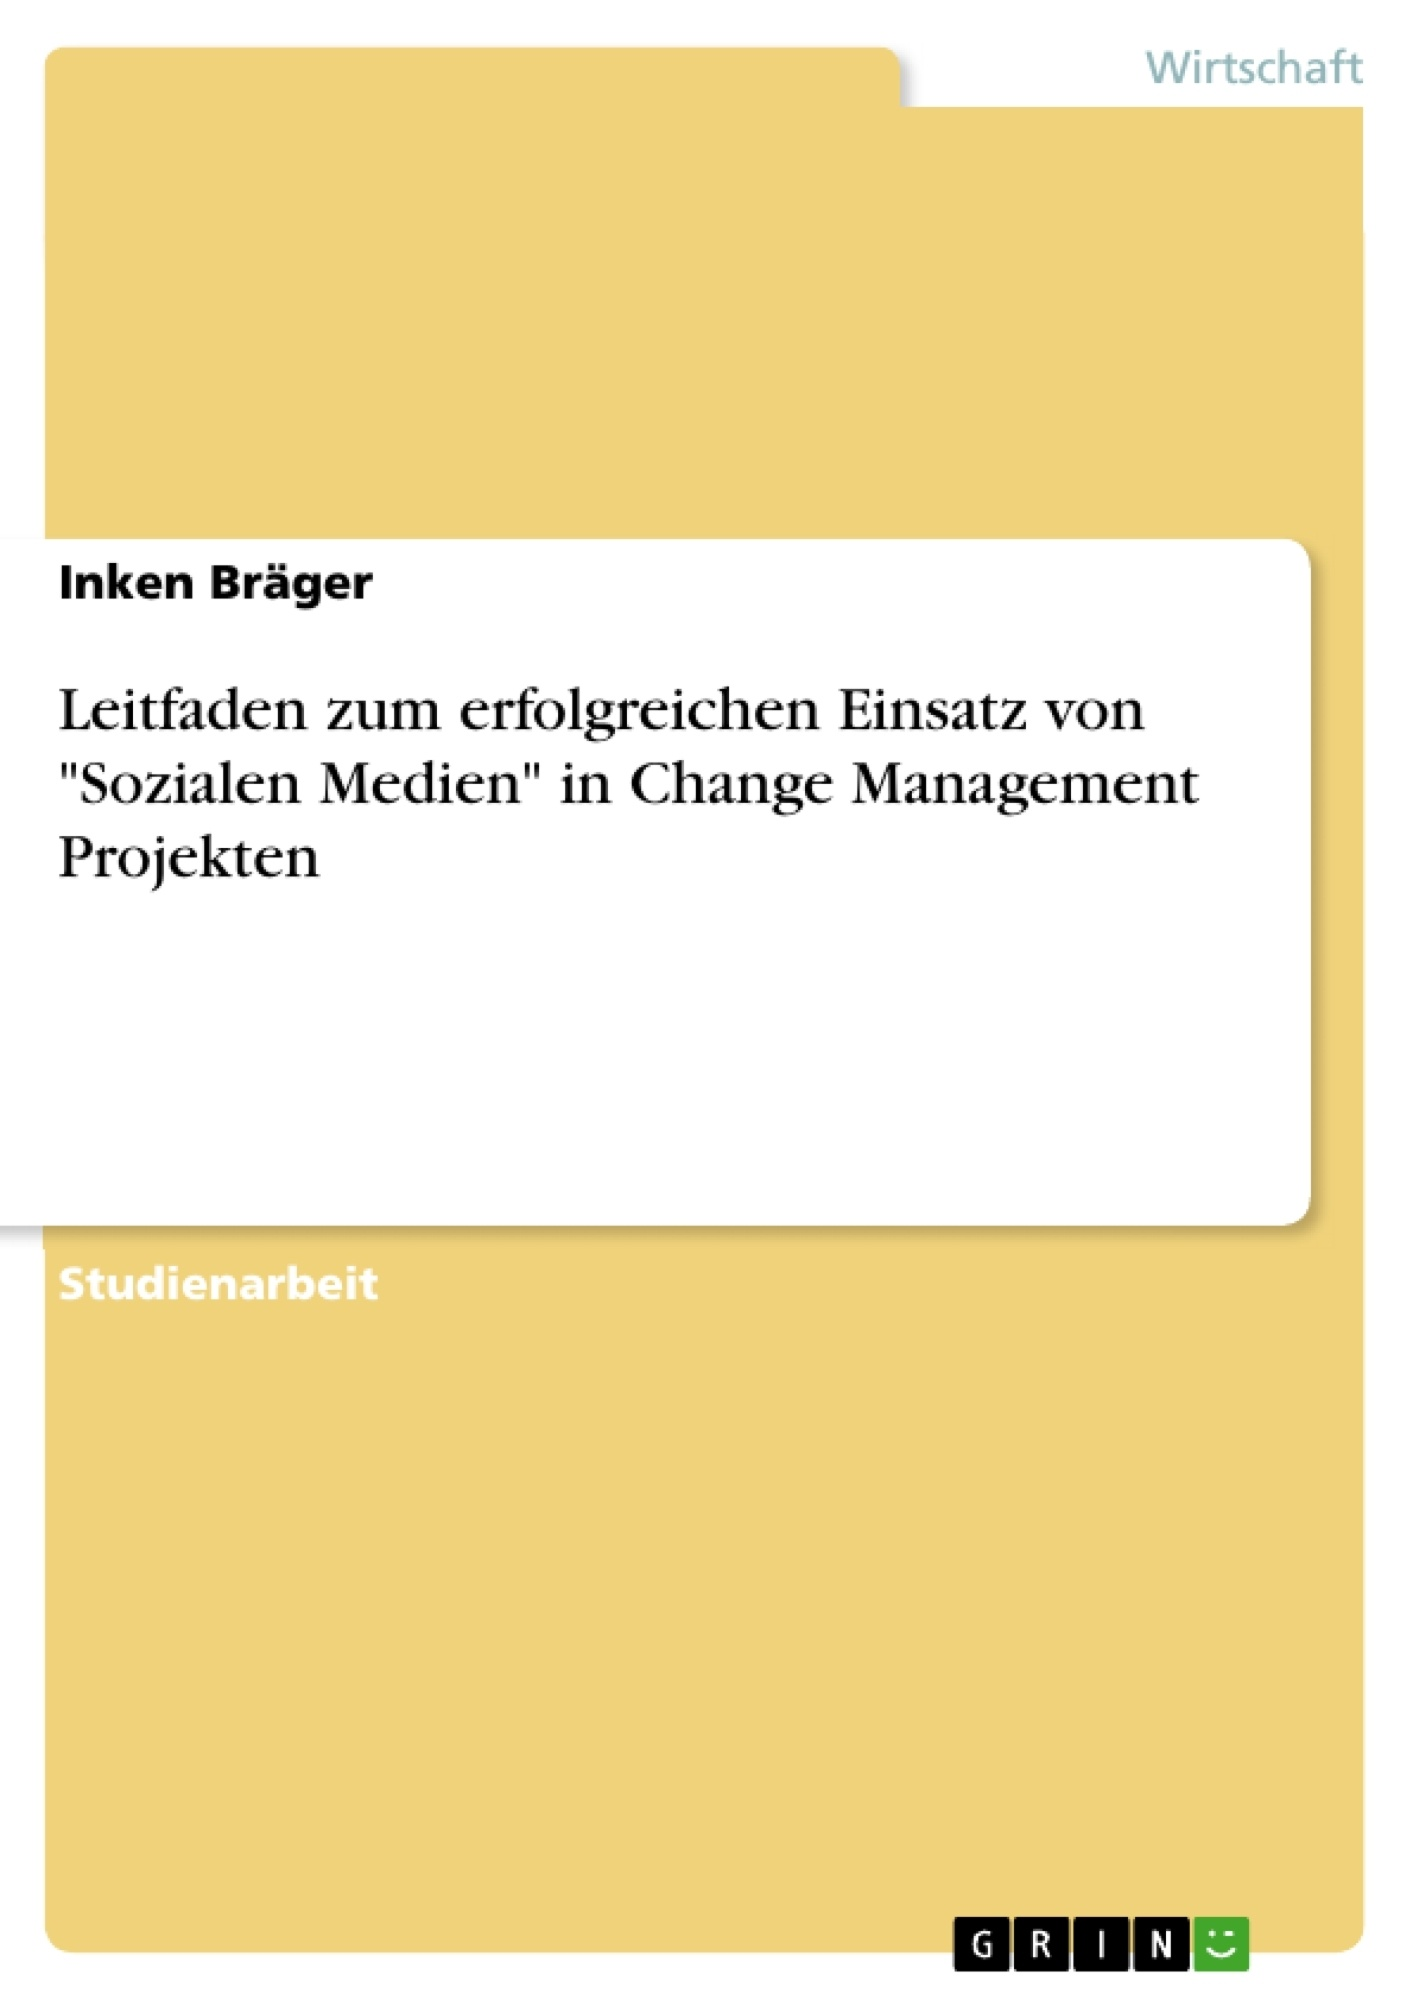 Leitfaden Zur Implementierung Eines Kommunikationskonzeptes Innerhalb Von Change-Management-Projekte